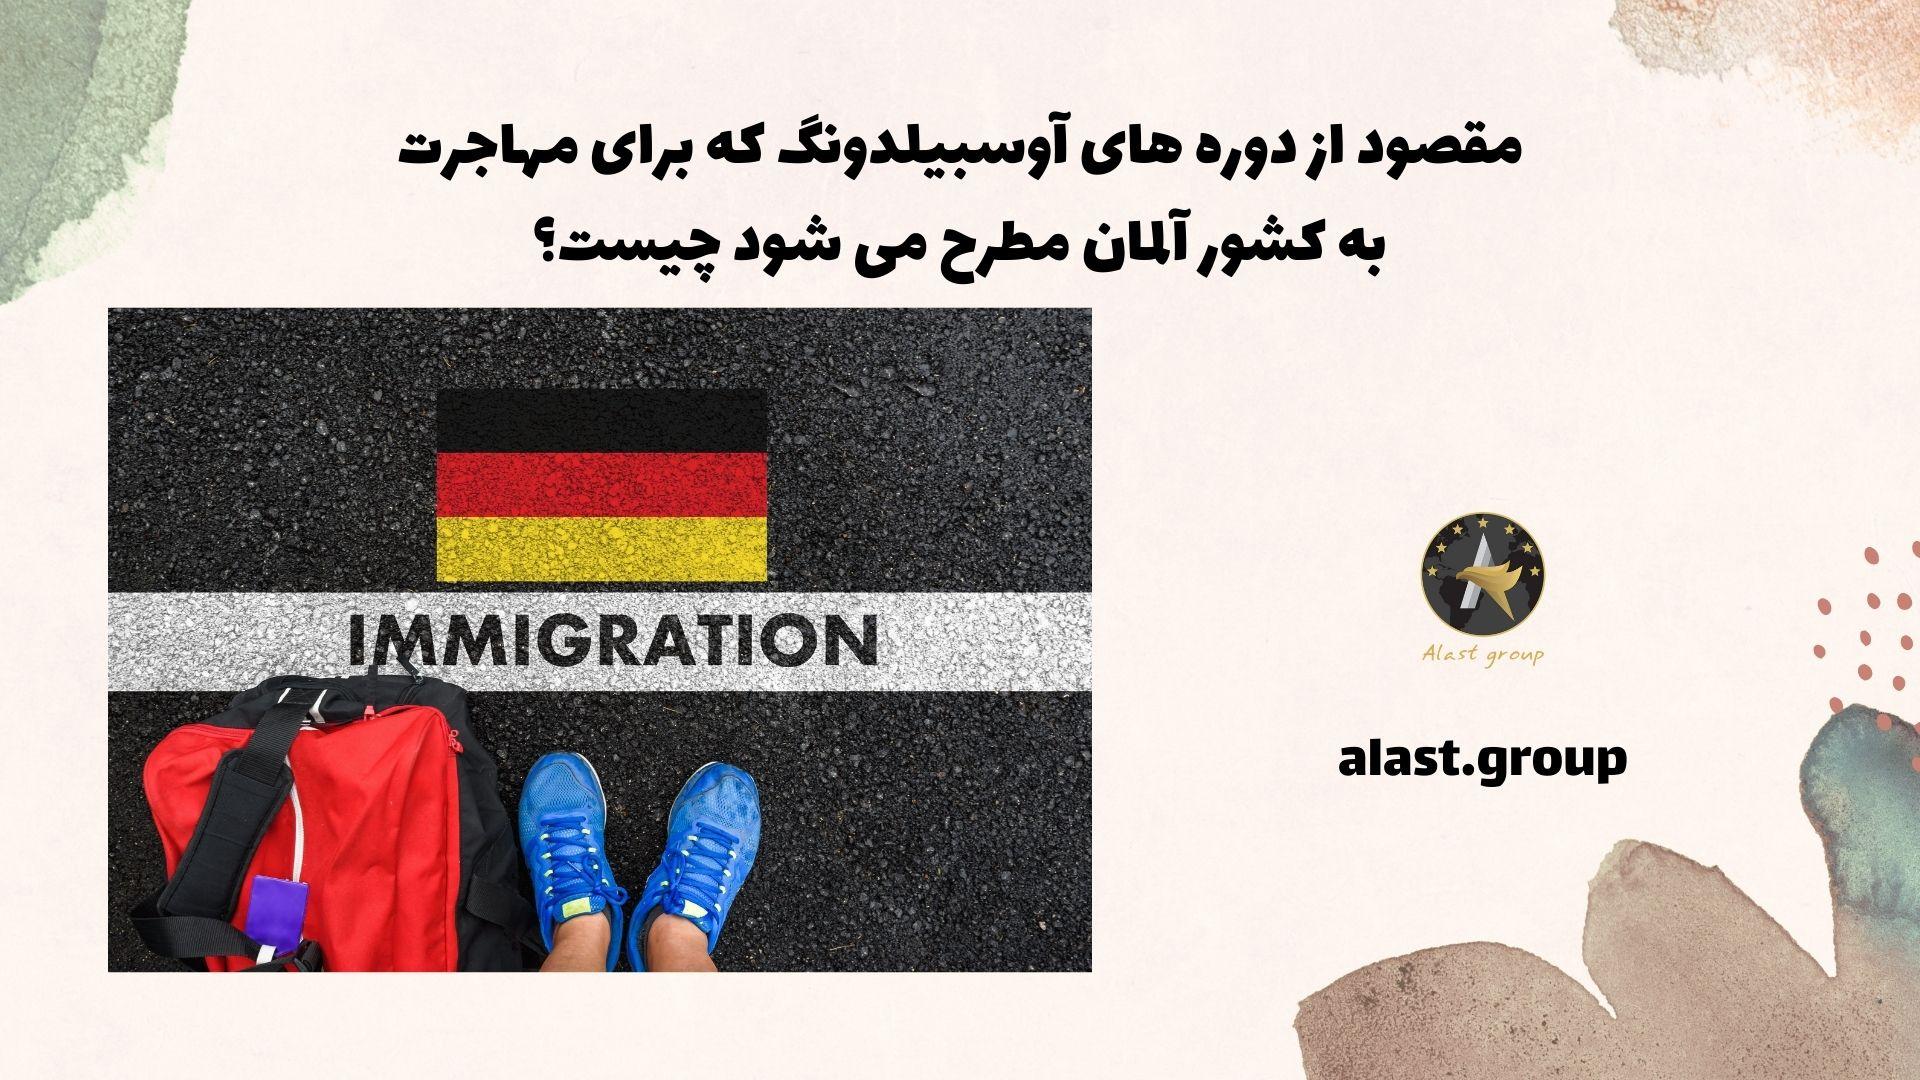 مقصود از دوره های آوسبیلدونگ که برای مهاجرت به کشور آلمان مطرح می شود، چیست؟